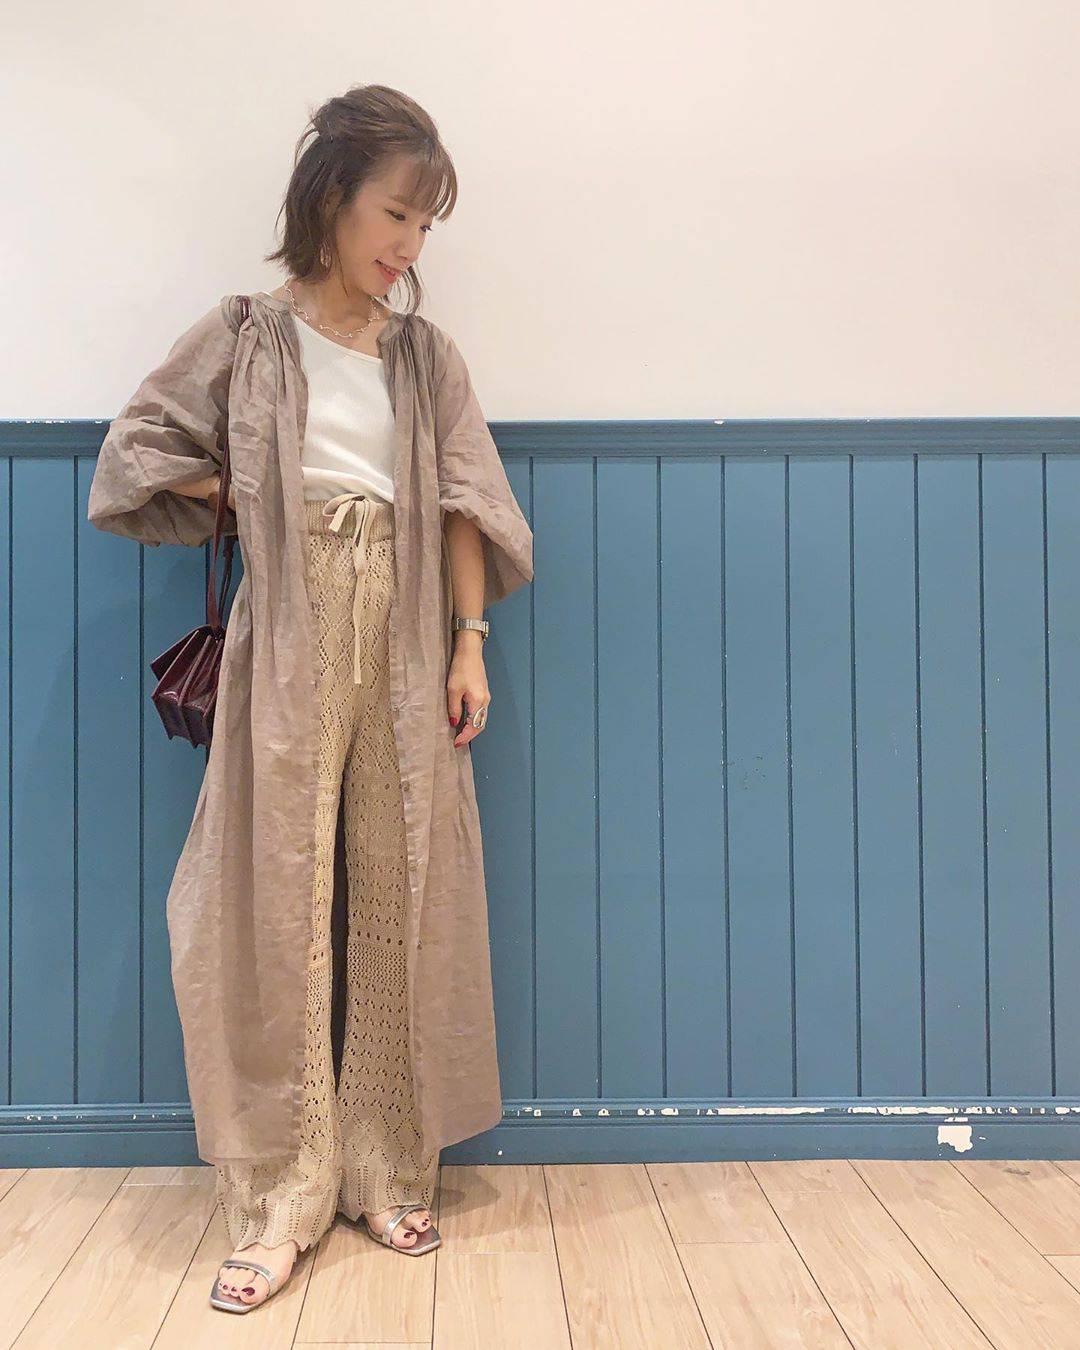 最高気温34度・最低気温25度 __tachaaanの服装